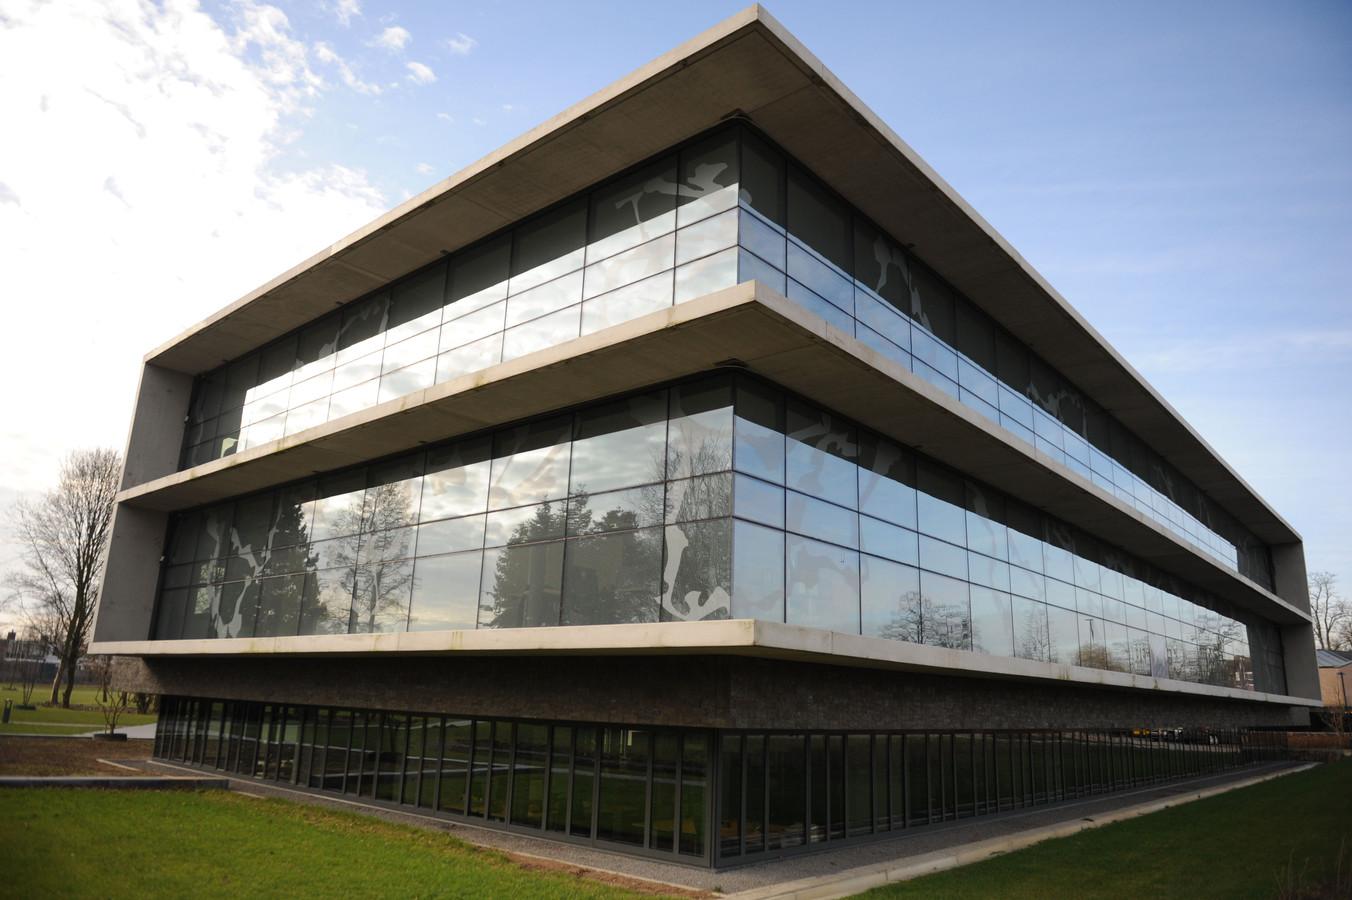 De politiek in de gemeente Berkelland heeft onthutst gereageerd op de onverwachte financiële tegenvaller op het vlak van de WMO en de Jeugdwet. Foto Charel van Tendeloo